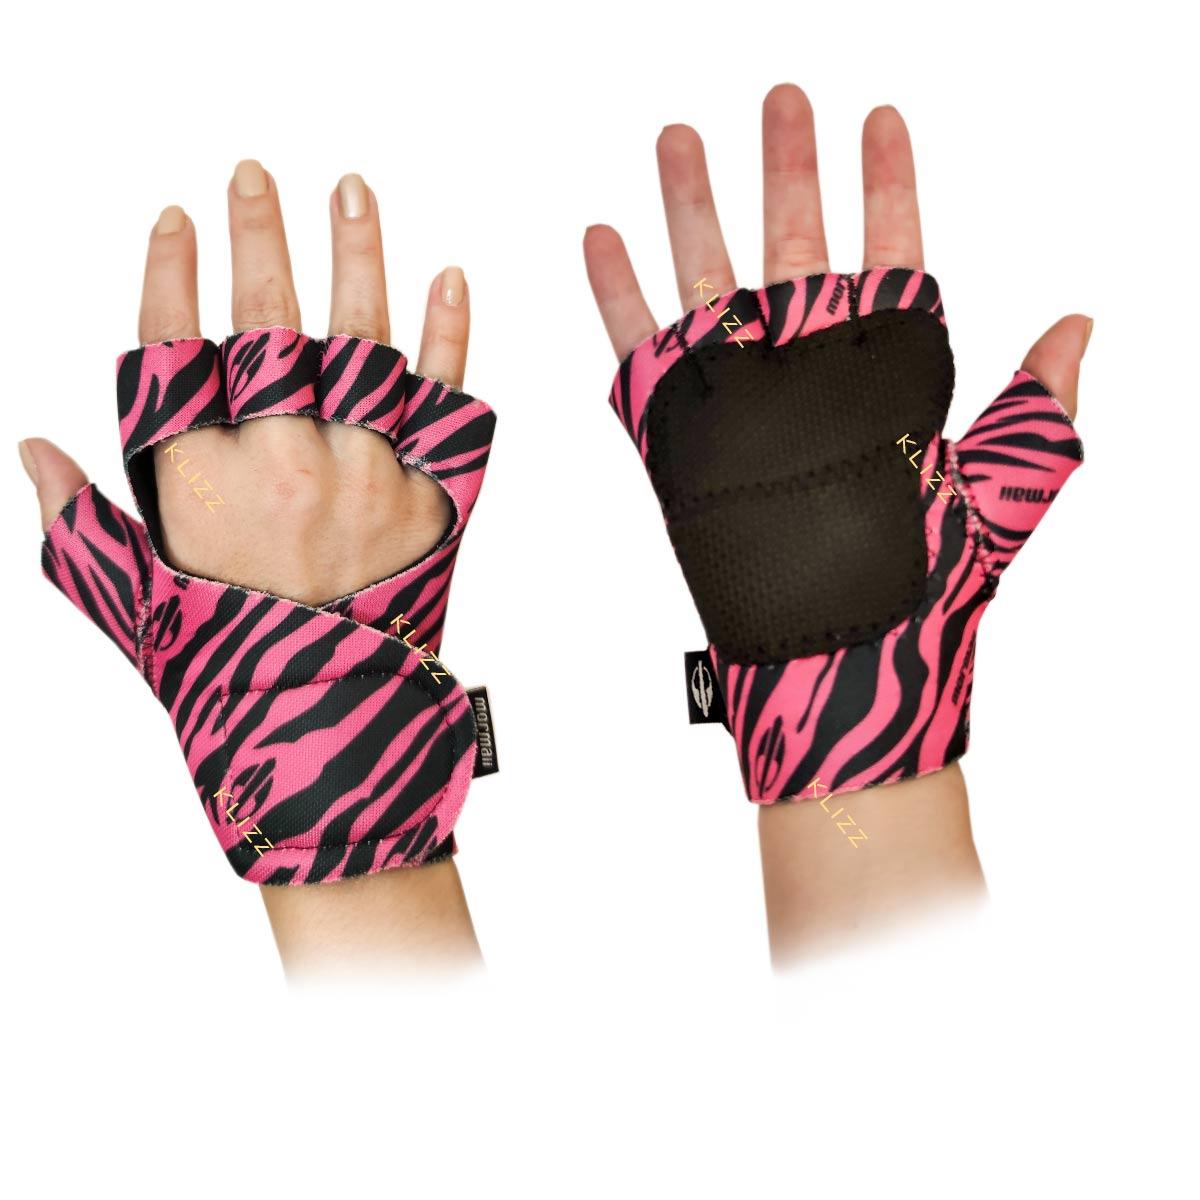 Luva Feminina Mormaii Colors Academia Treino Musculação Zebra Pink